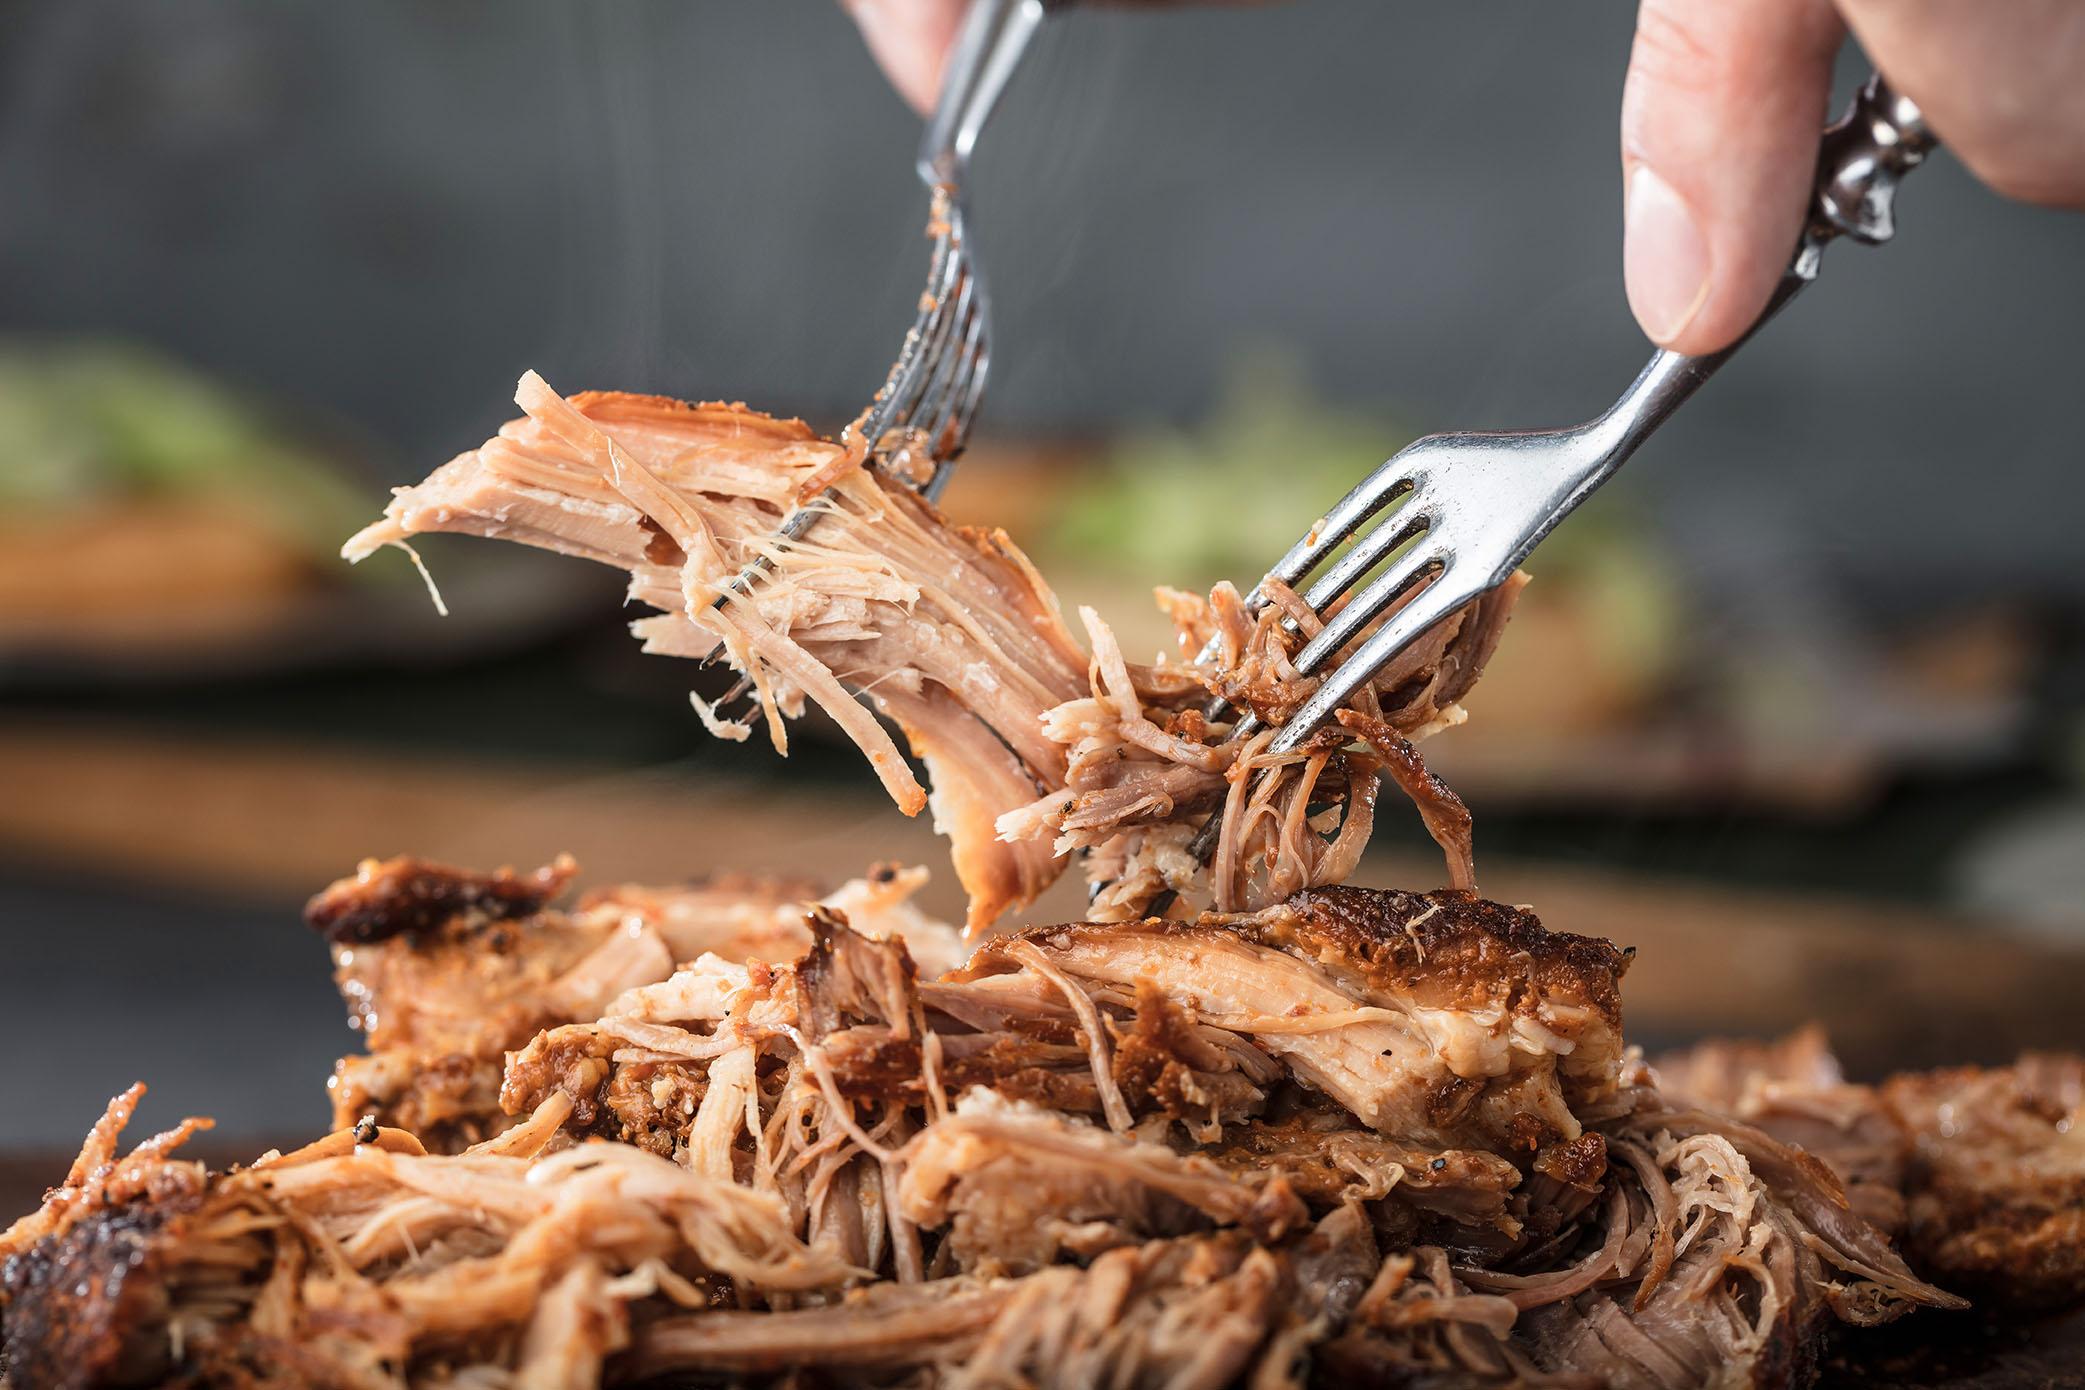 Un tenedor con cerdo asado lentamente sobre una bandeja de cerdo